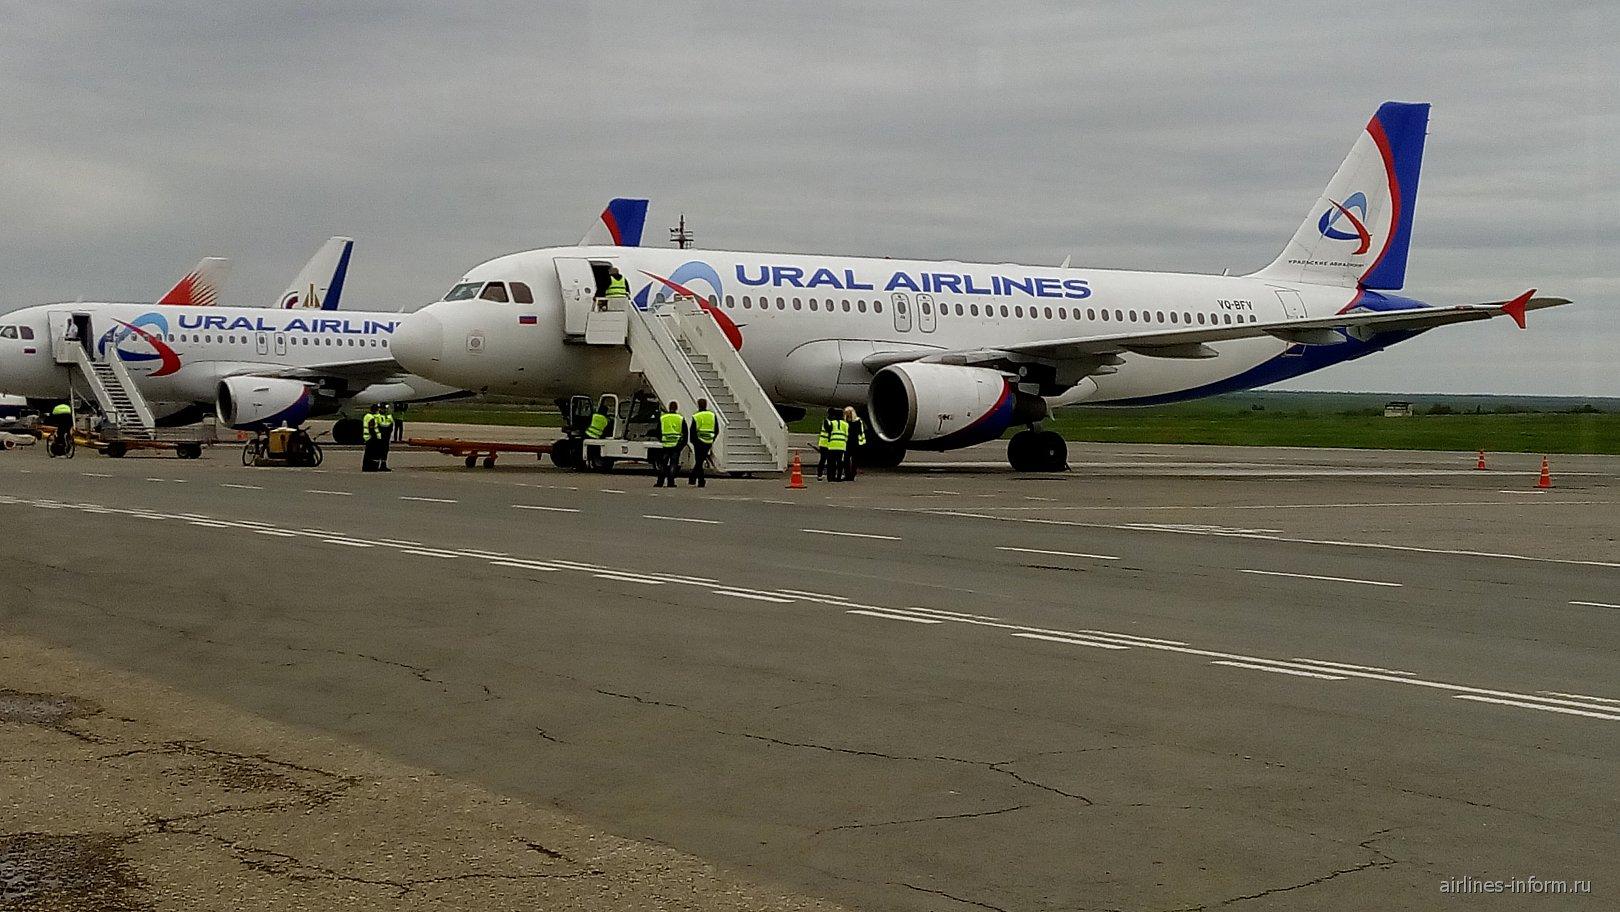 Самолеты Уральских авиалиний в аэропорту Симферополь